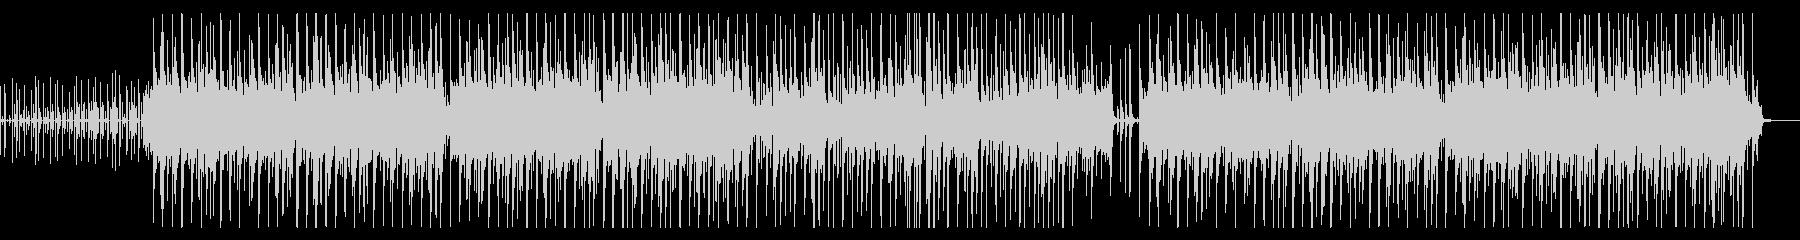 VS Computerの未再生の波形